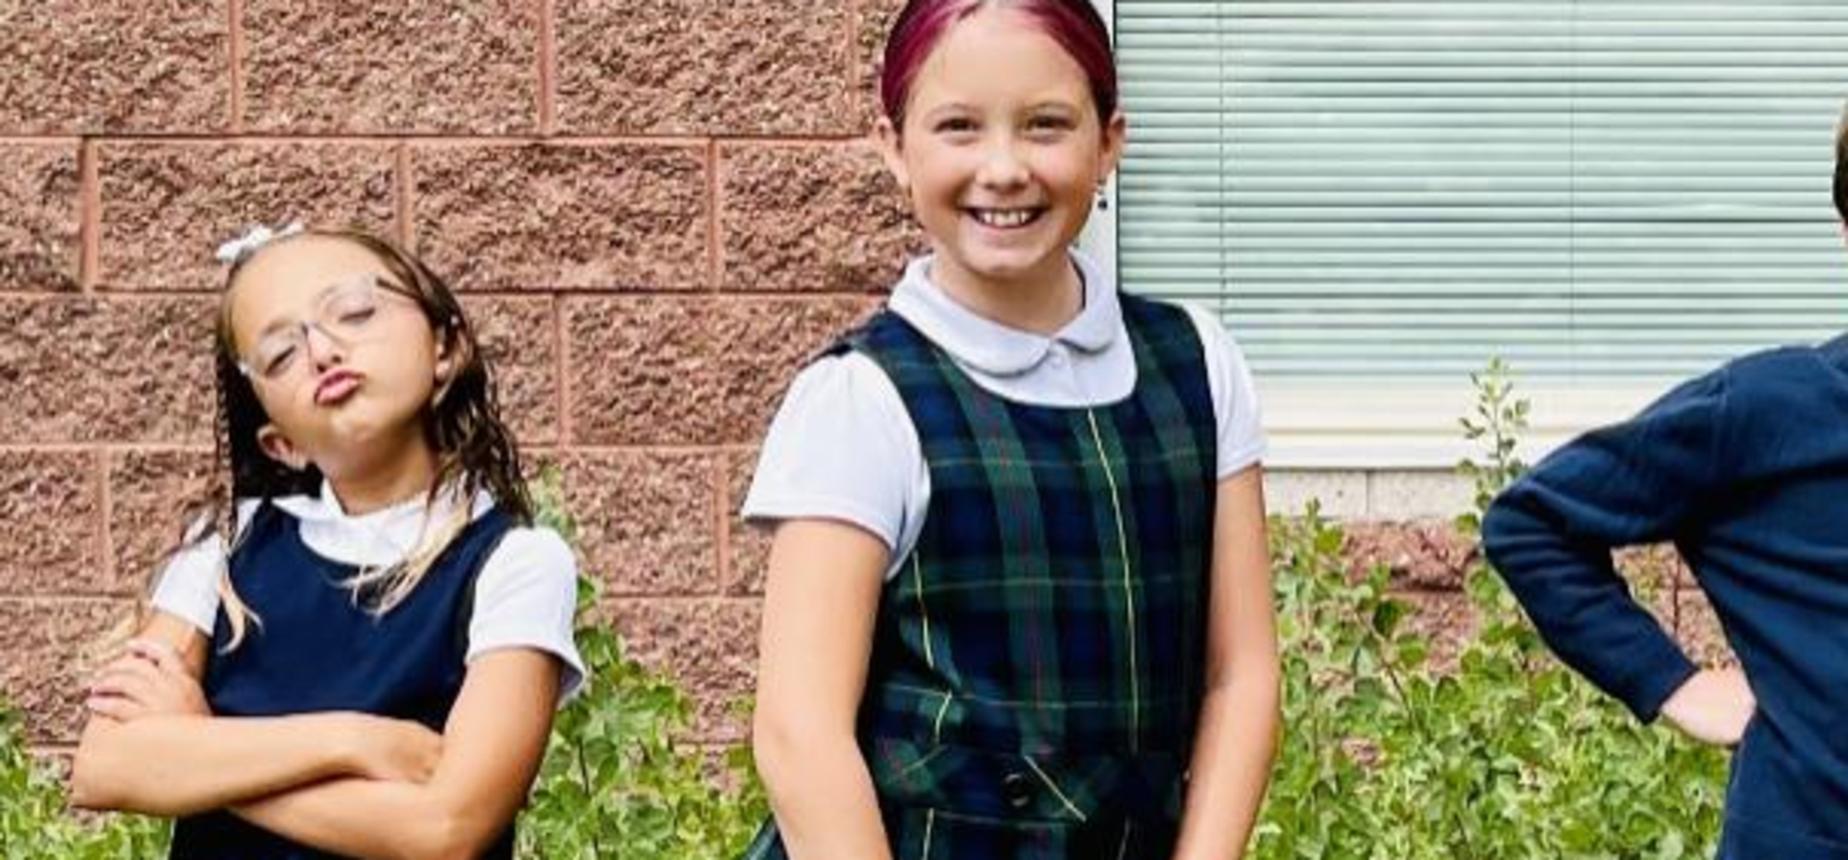 legacy prep best charter school in utah sassy children in school uniforms in front of school